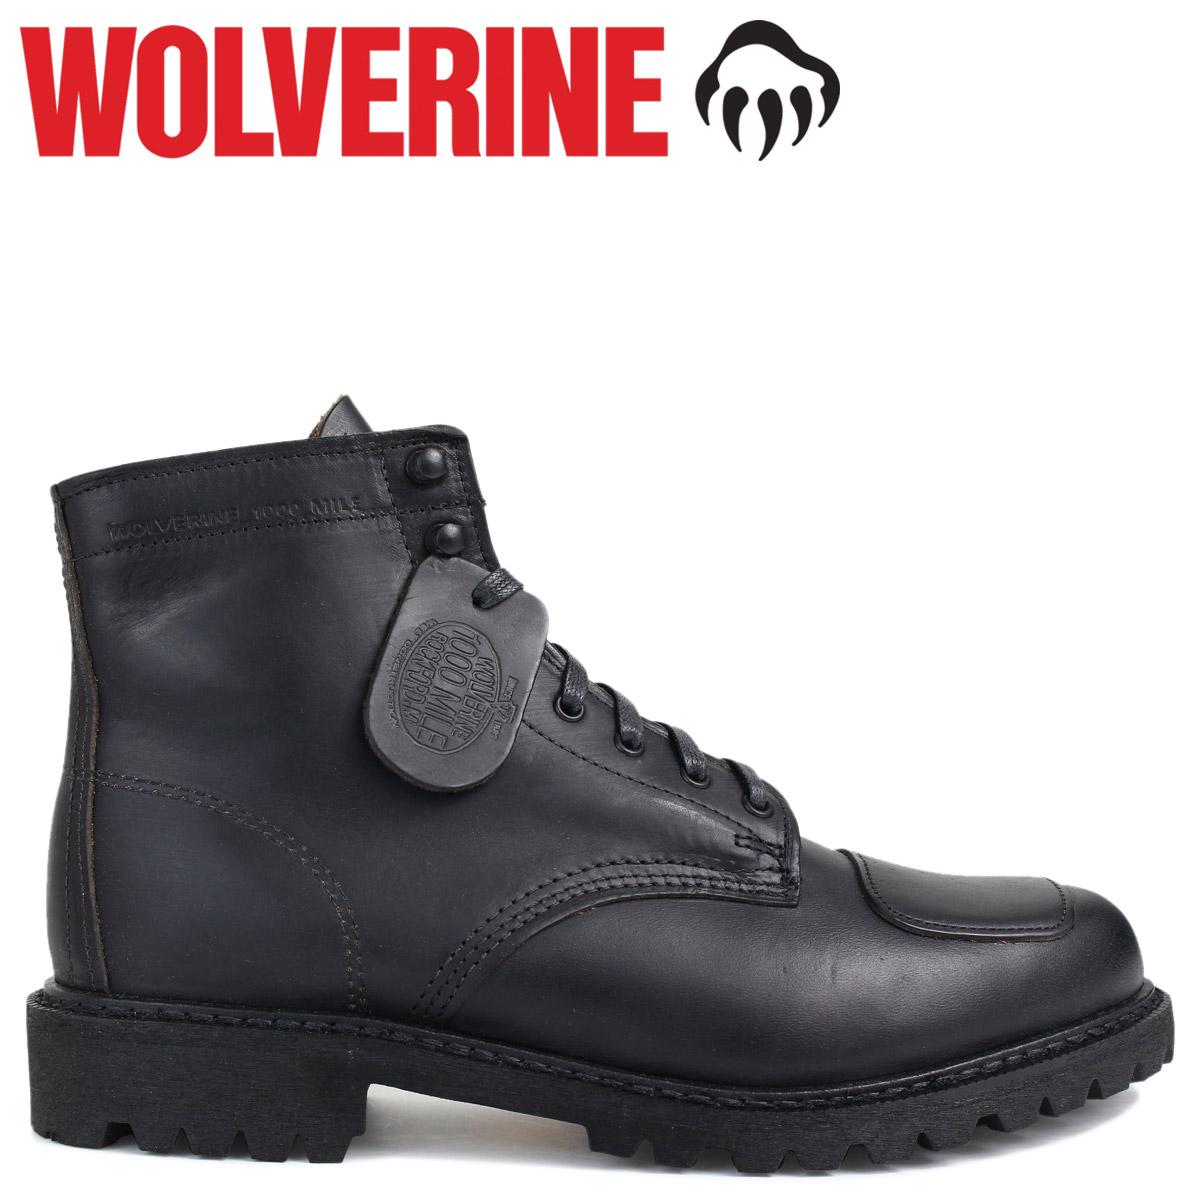 WOLVERINE 1000マイル ウルヴァリン ブーツ メンズ 1000 MILE DYLAN MONO BOOT Dワイズ W40300 ブラック 黒 ワークブーツ